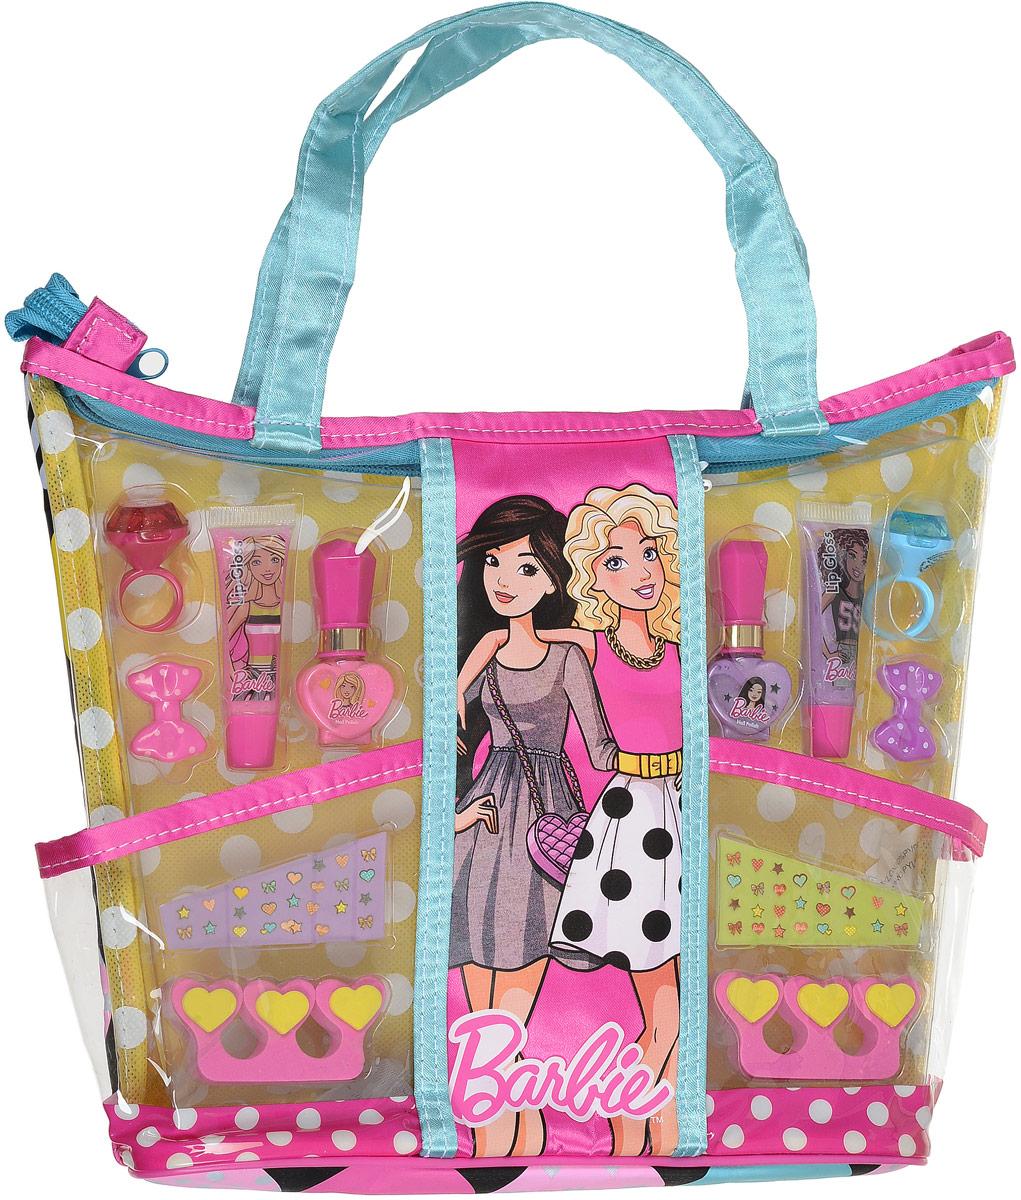 Markwins Игровой набор детской декоративной косметики Barbie 9709251